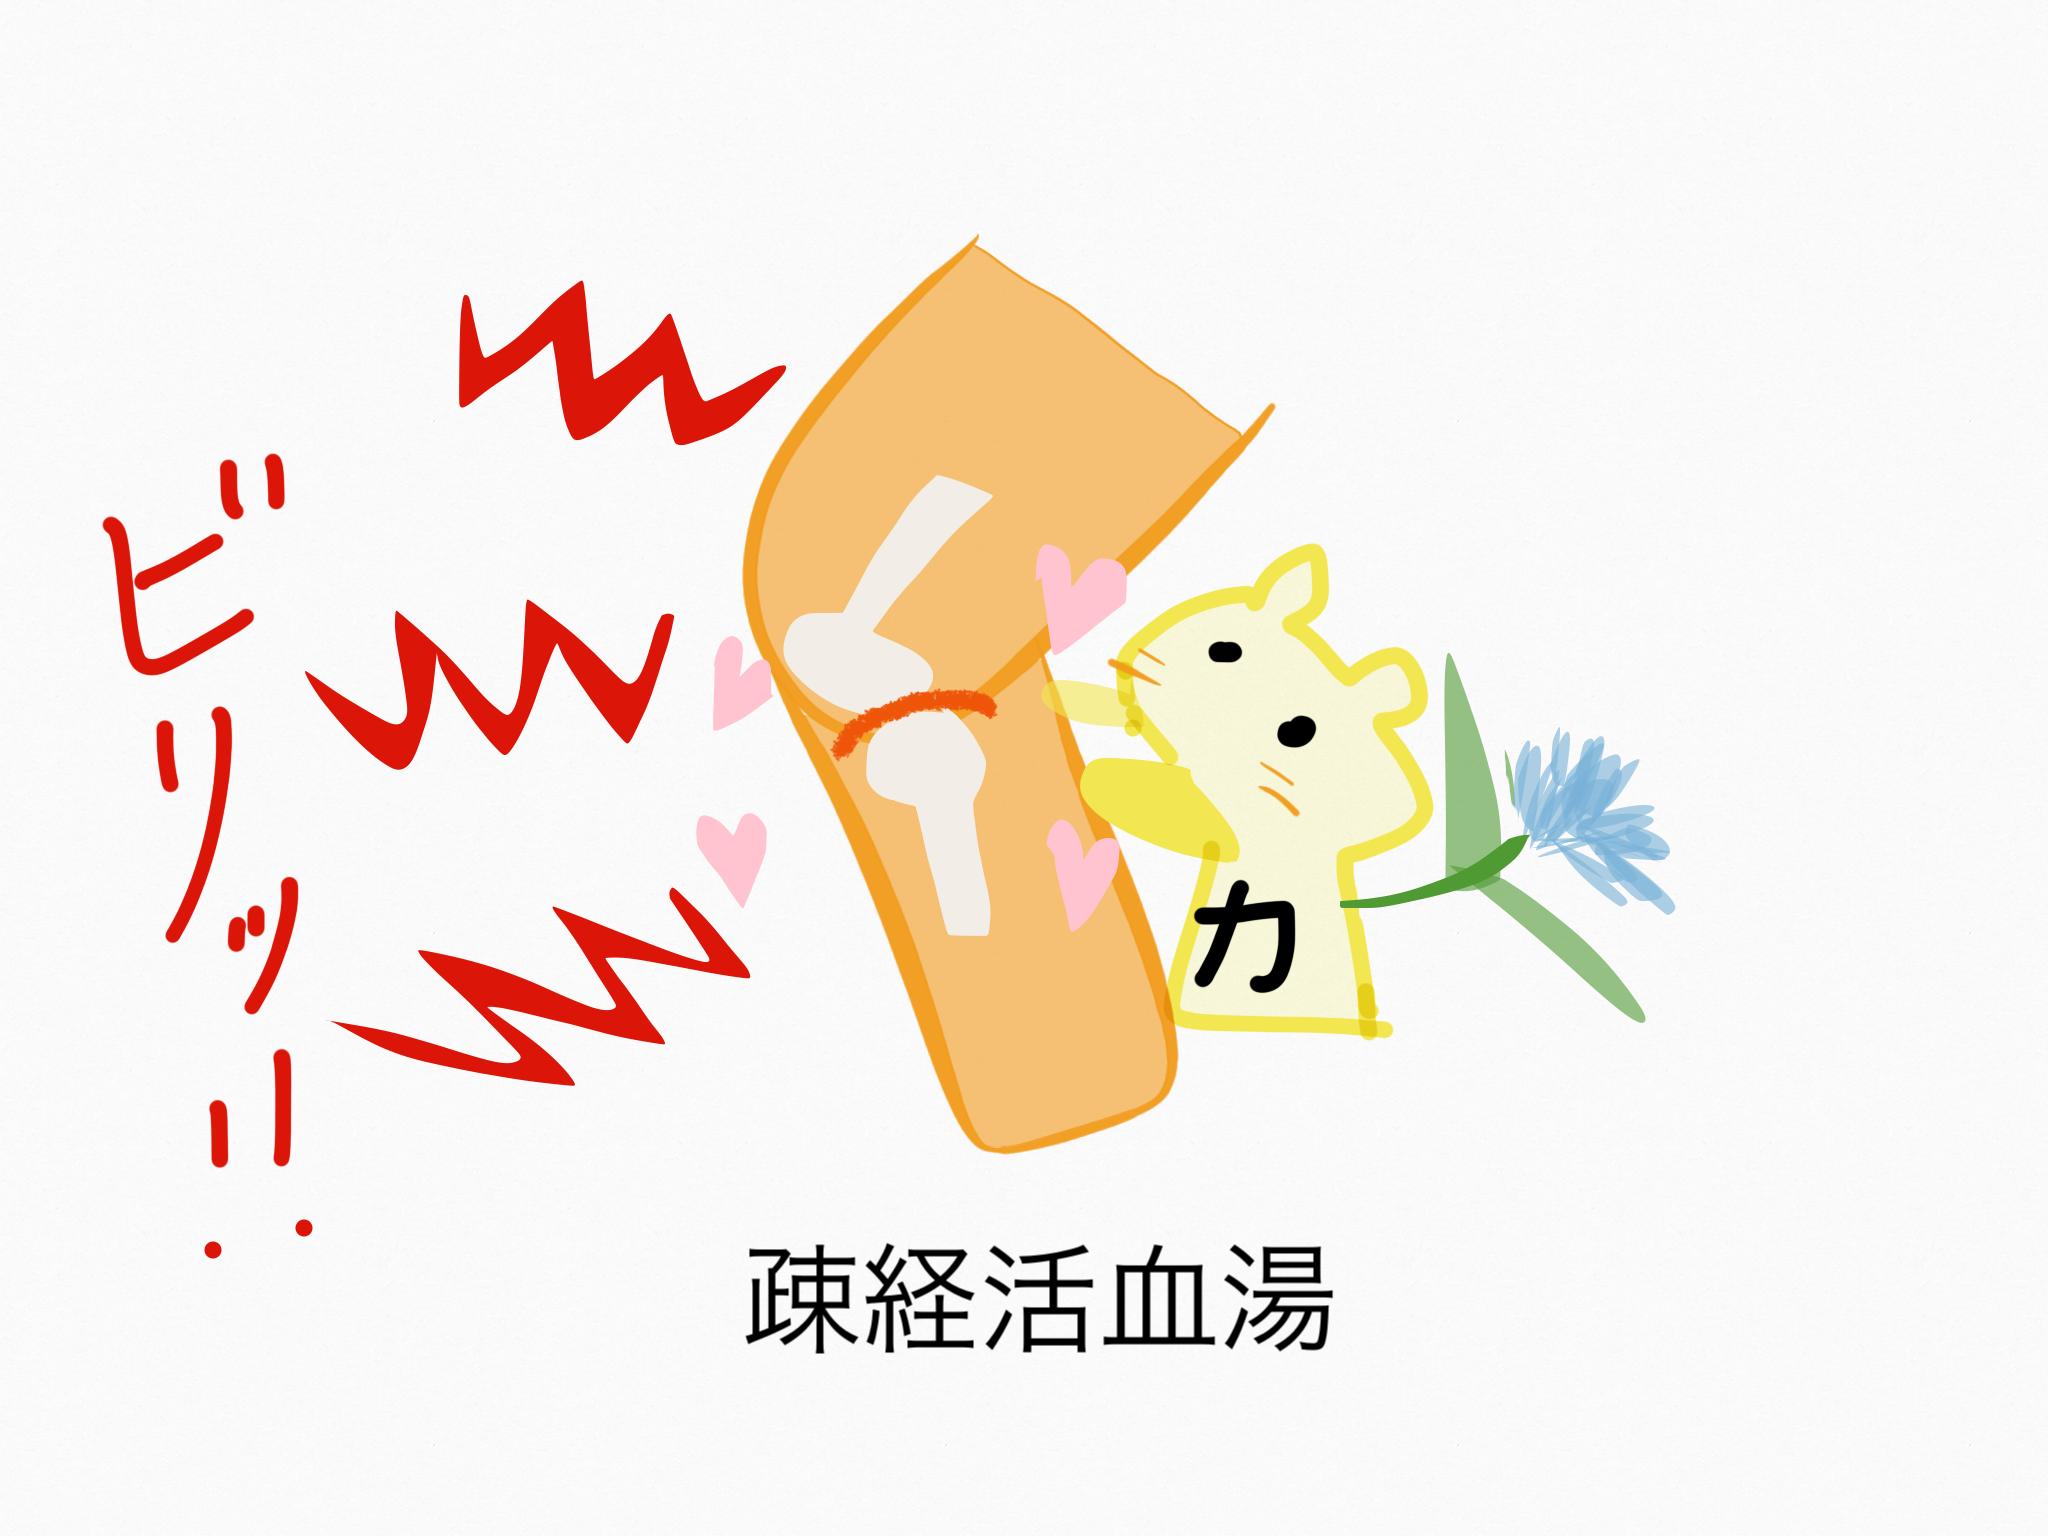 疎経活血湯(そけいかっけつとう)[鎮痛]【漢方の覚え方】